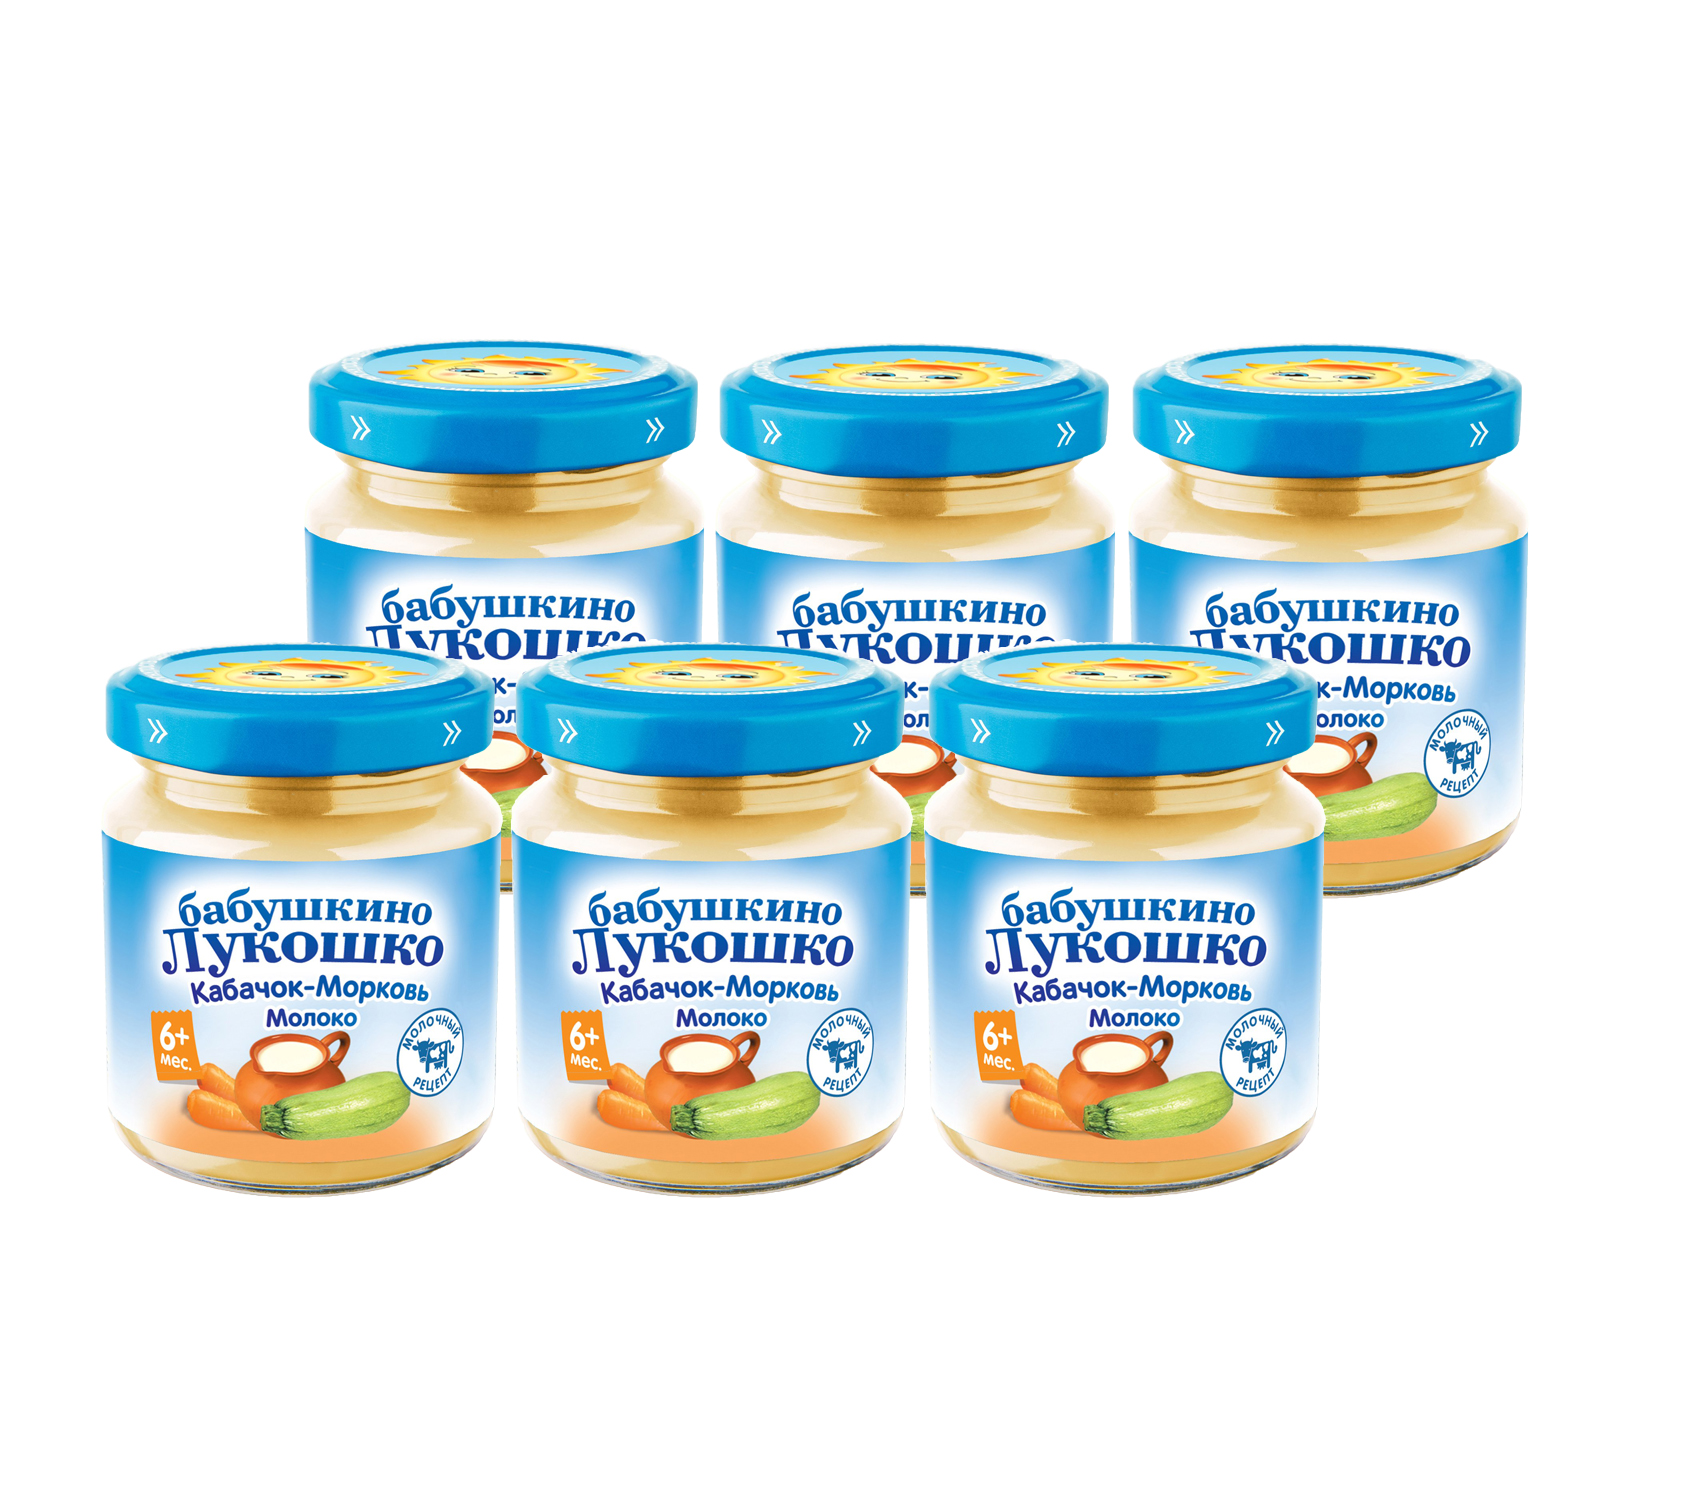 Купить Кабачок с морковью и молоком, Пюре Бабушкино лукошко кабачок с морковью и молоком с 5 мес. 100 г 6 шт., Бабушкино Лукошко,